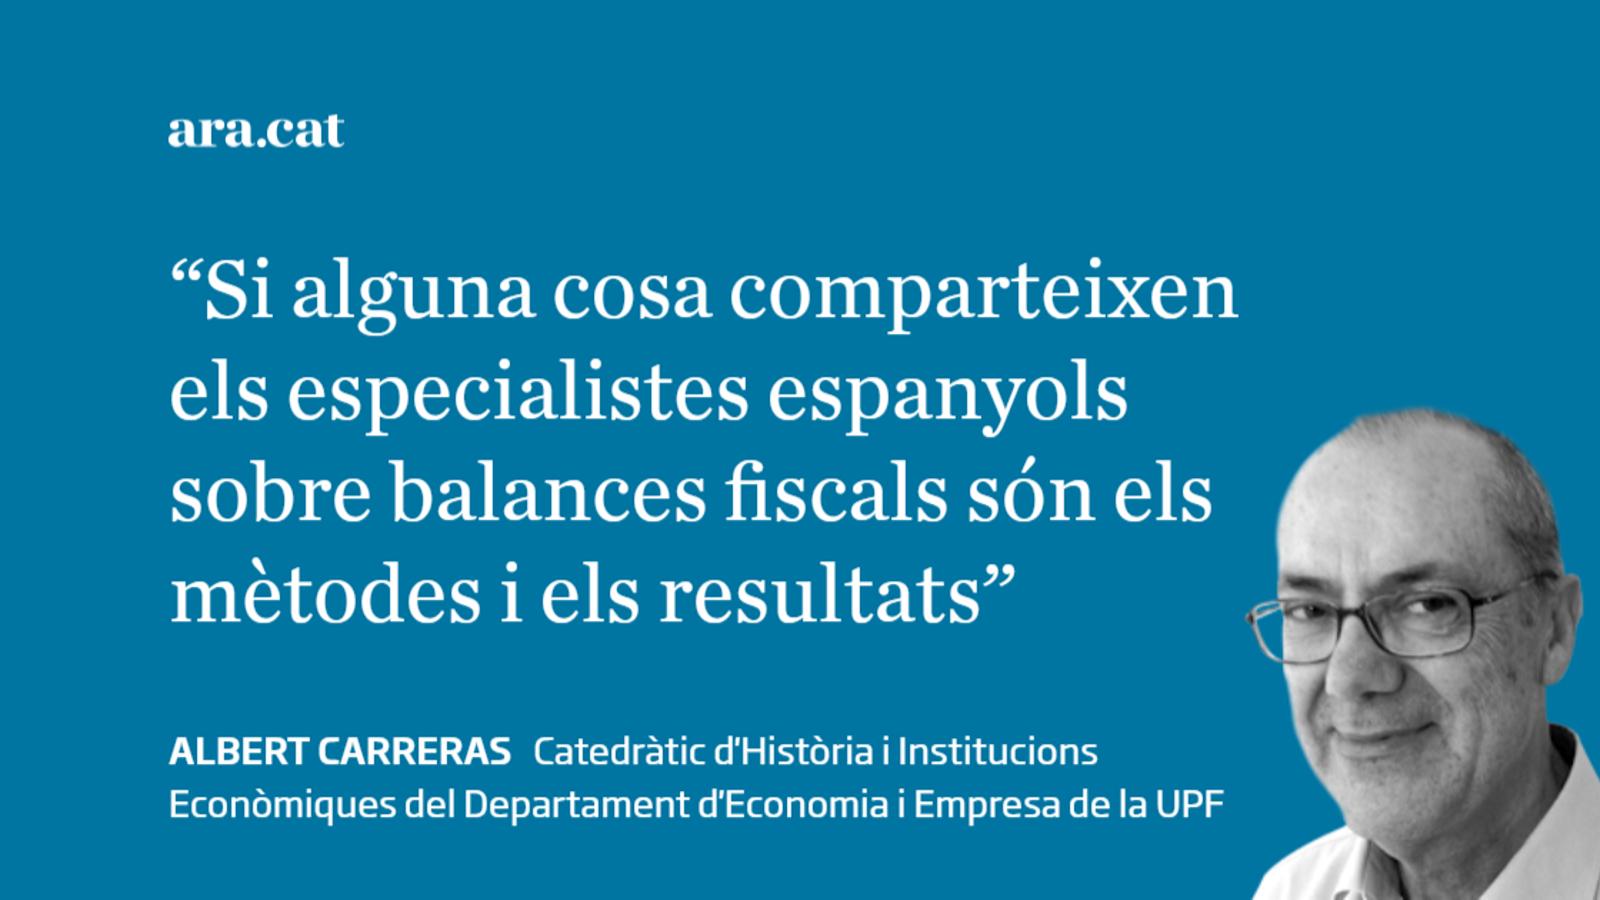 La incomoditat dels socialistes catalans amb el dèficit fiscal català